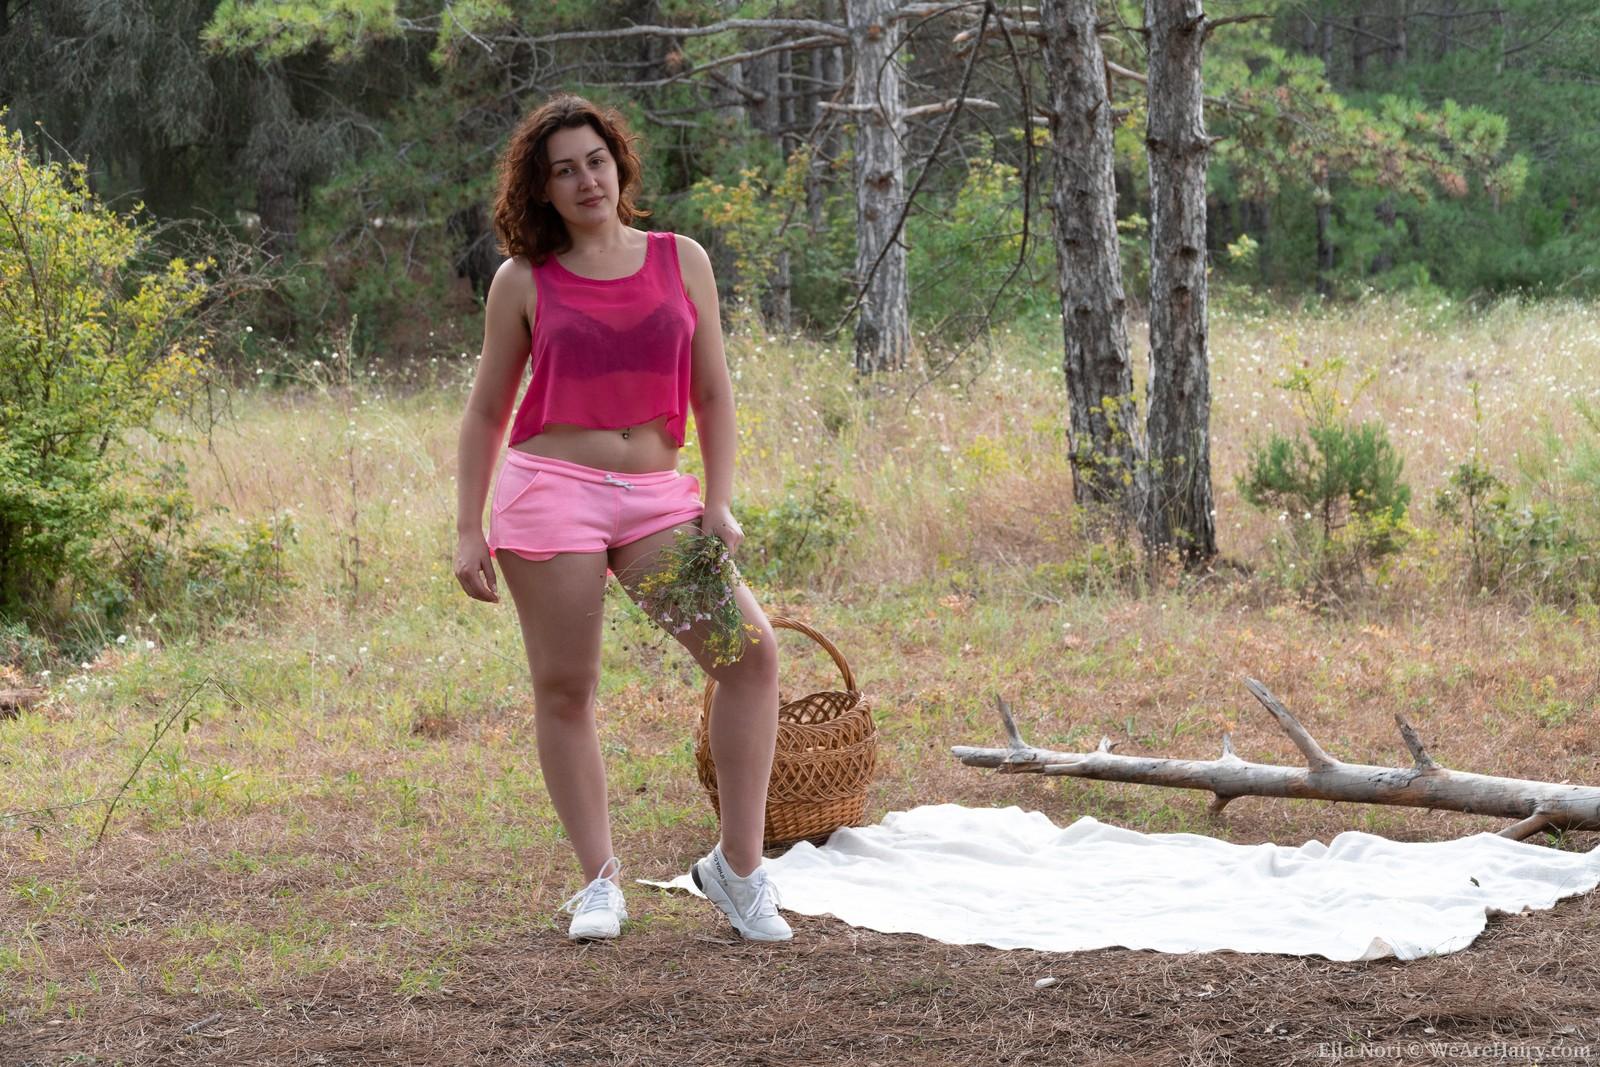 Ella Nori masturbates outside after her picnic